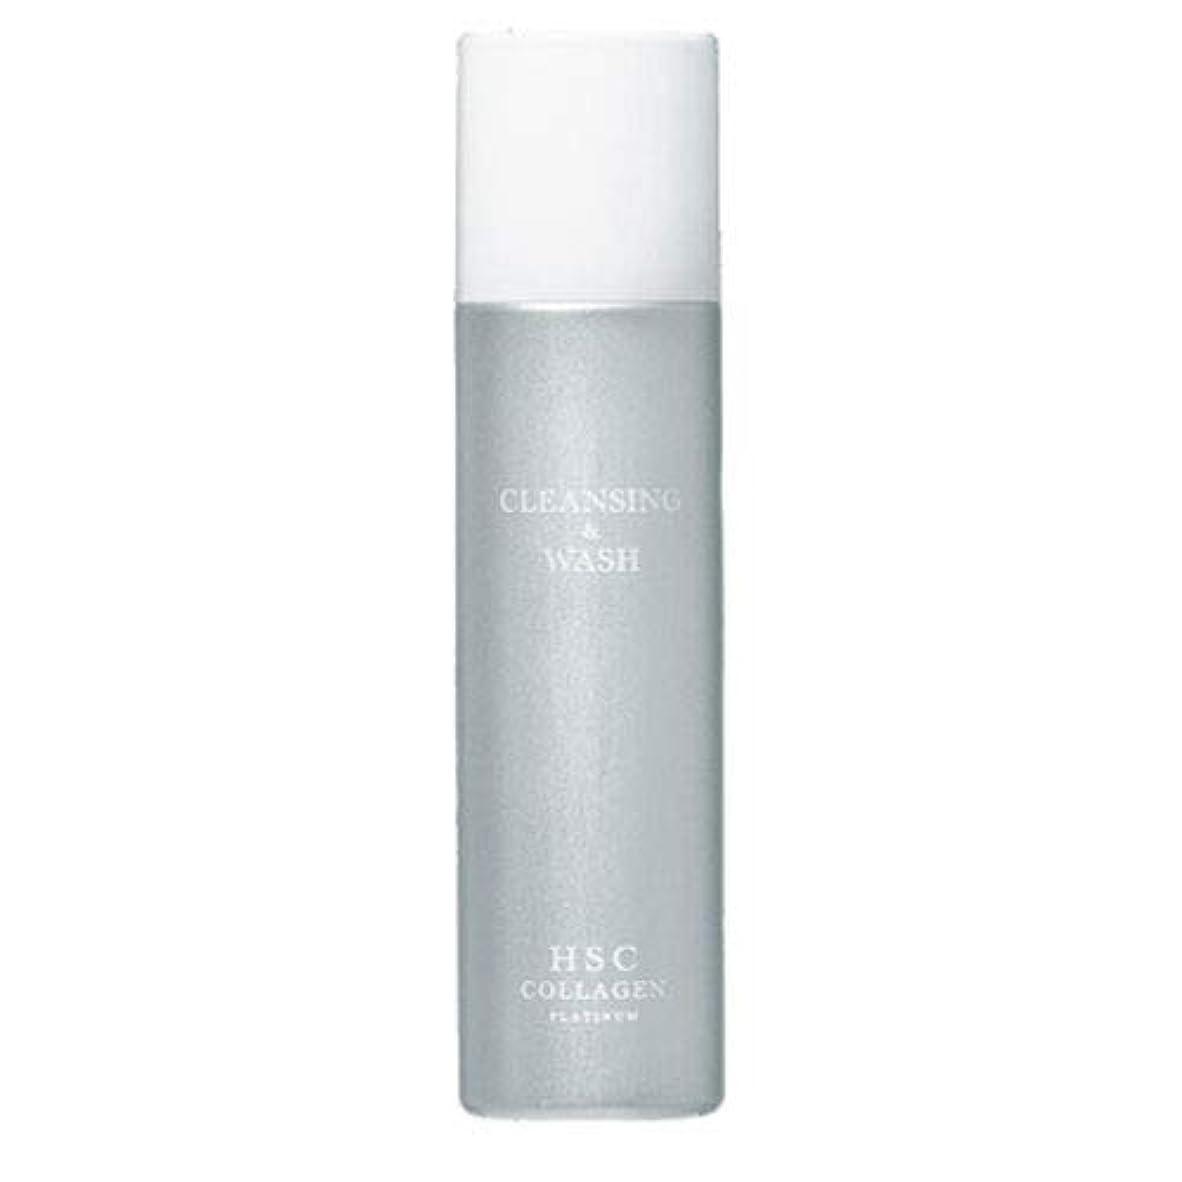 簡単なレイゆるいアリミノ 塗るサプリ クレンジング&洗顔 180g